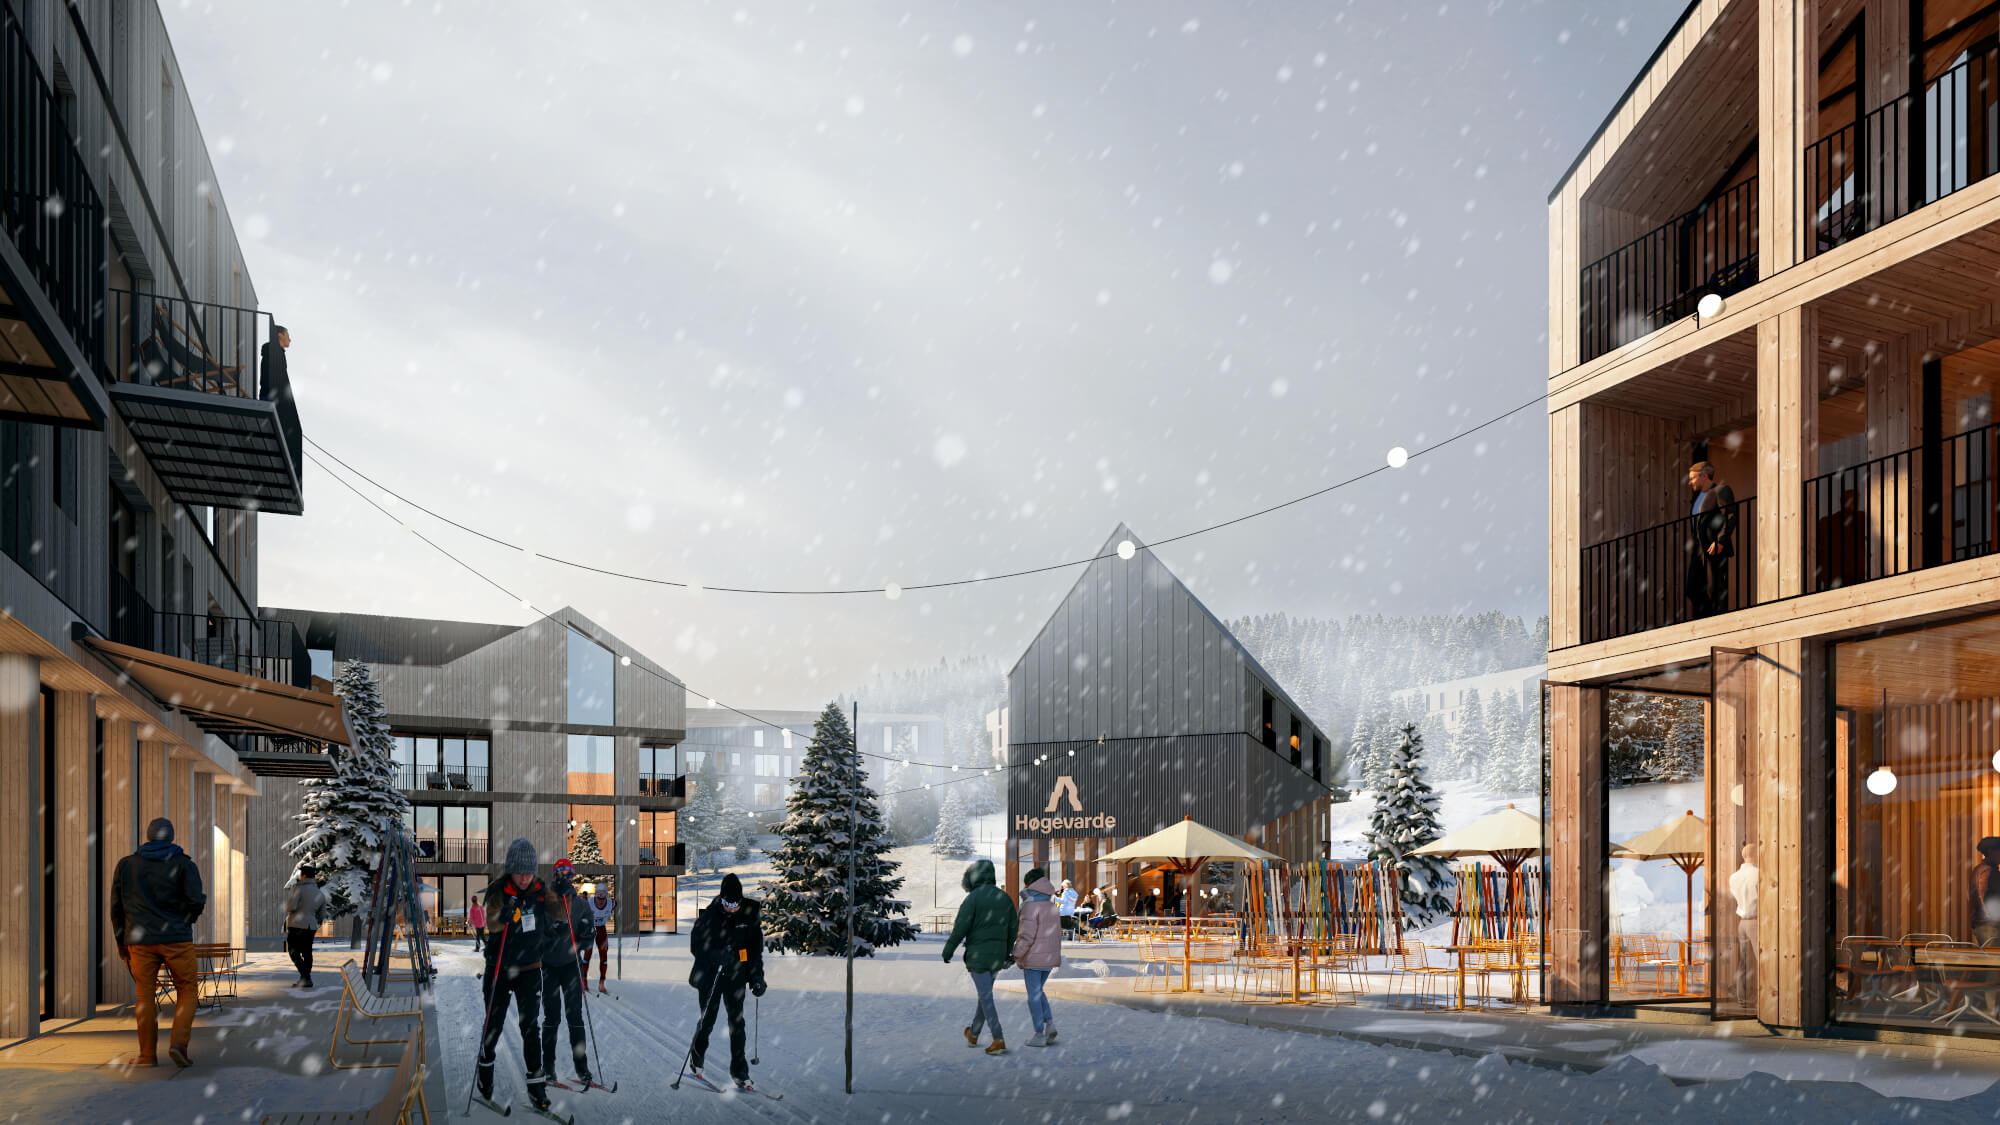 Fjellparken vil være sentrum i nye Høgevarde